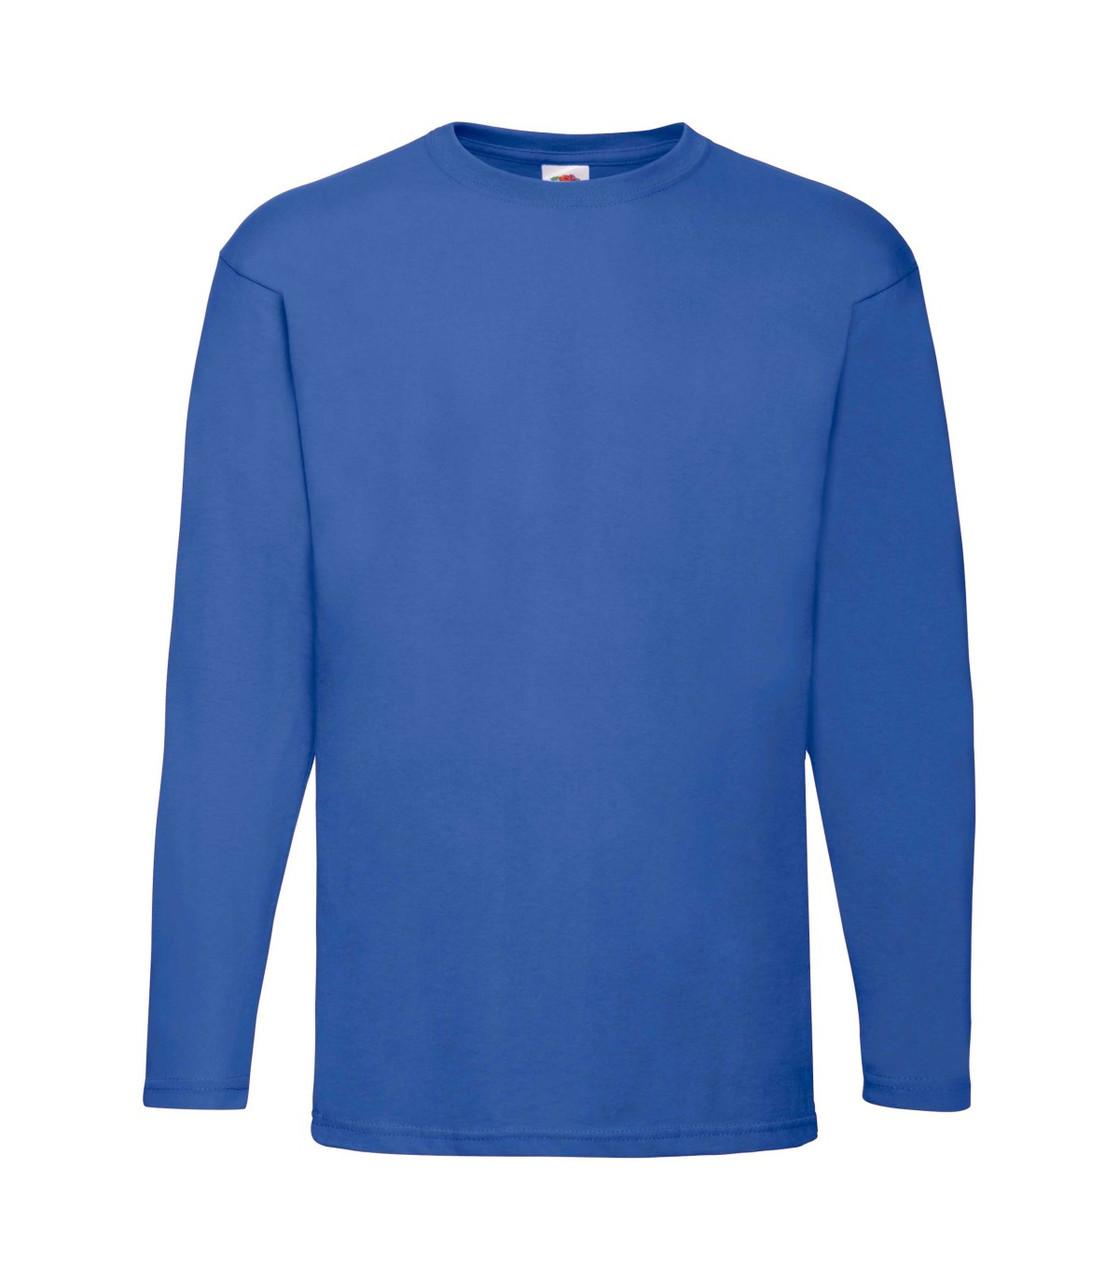 Мужская футболка с длинным рукавом синяя 038-51